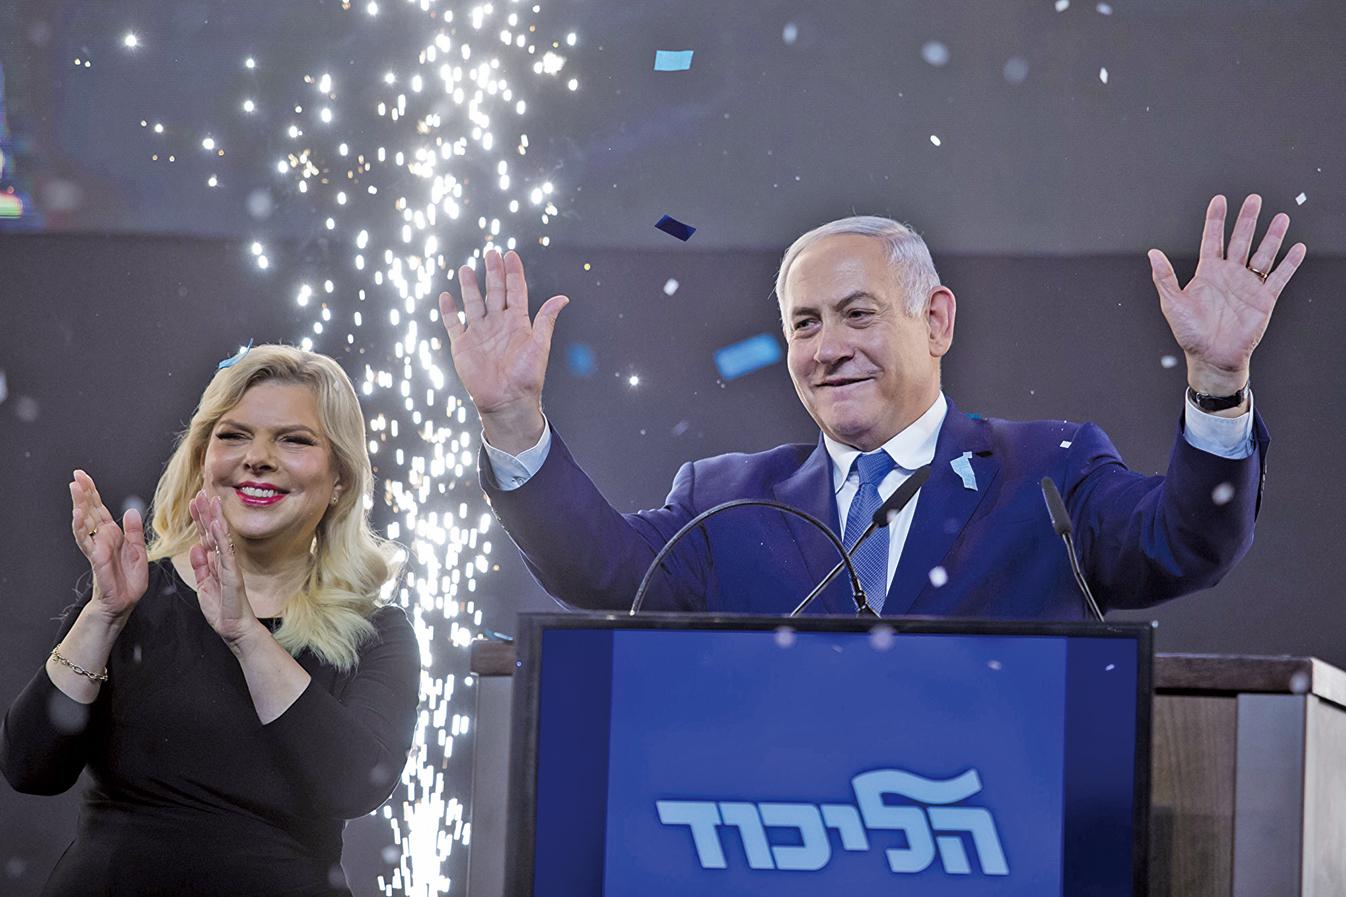 圖為以色列總理內塔尼亞胡(Benjamin Netanyahu)與夫人在2019年4月大選後。(Getty Images)